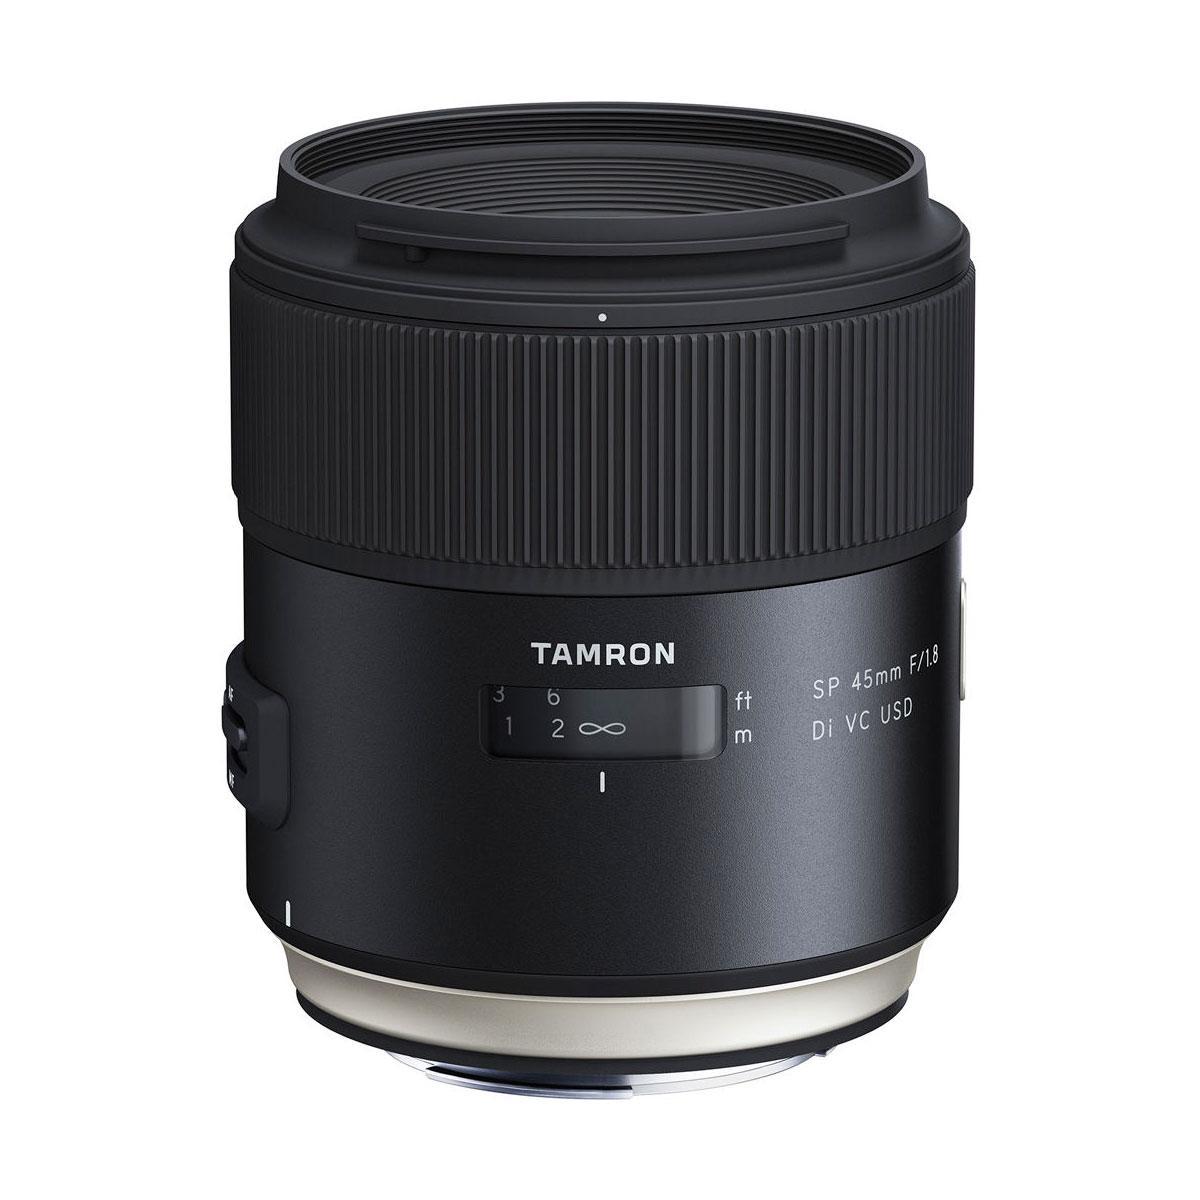 Tamron SP 45mm F/1,8 DI VC USD – Canon